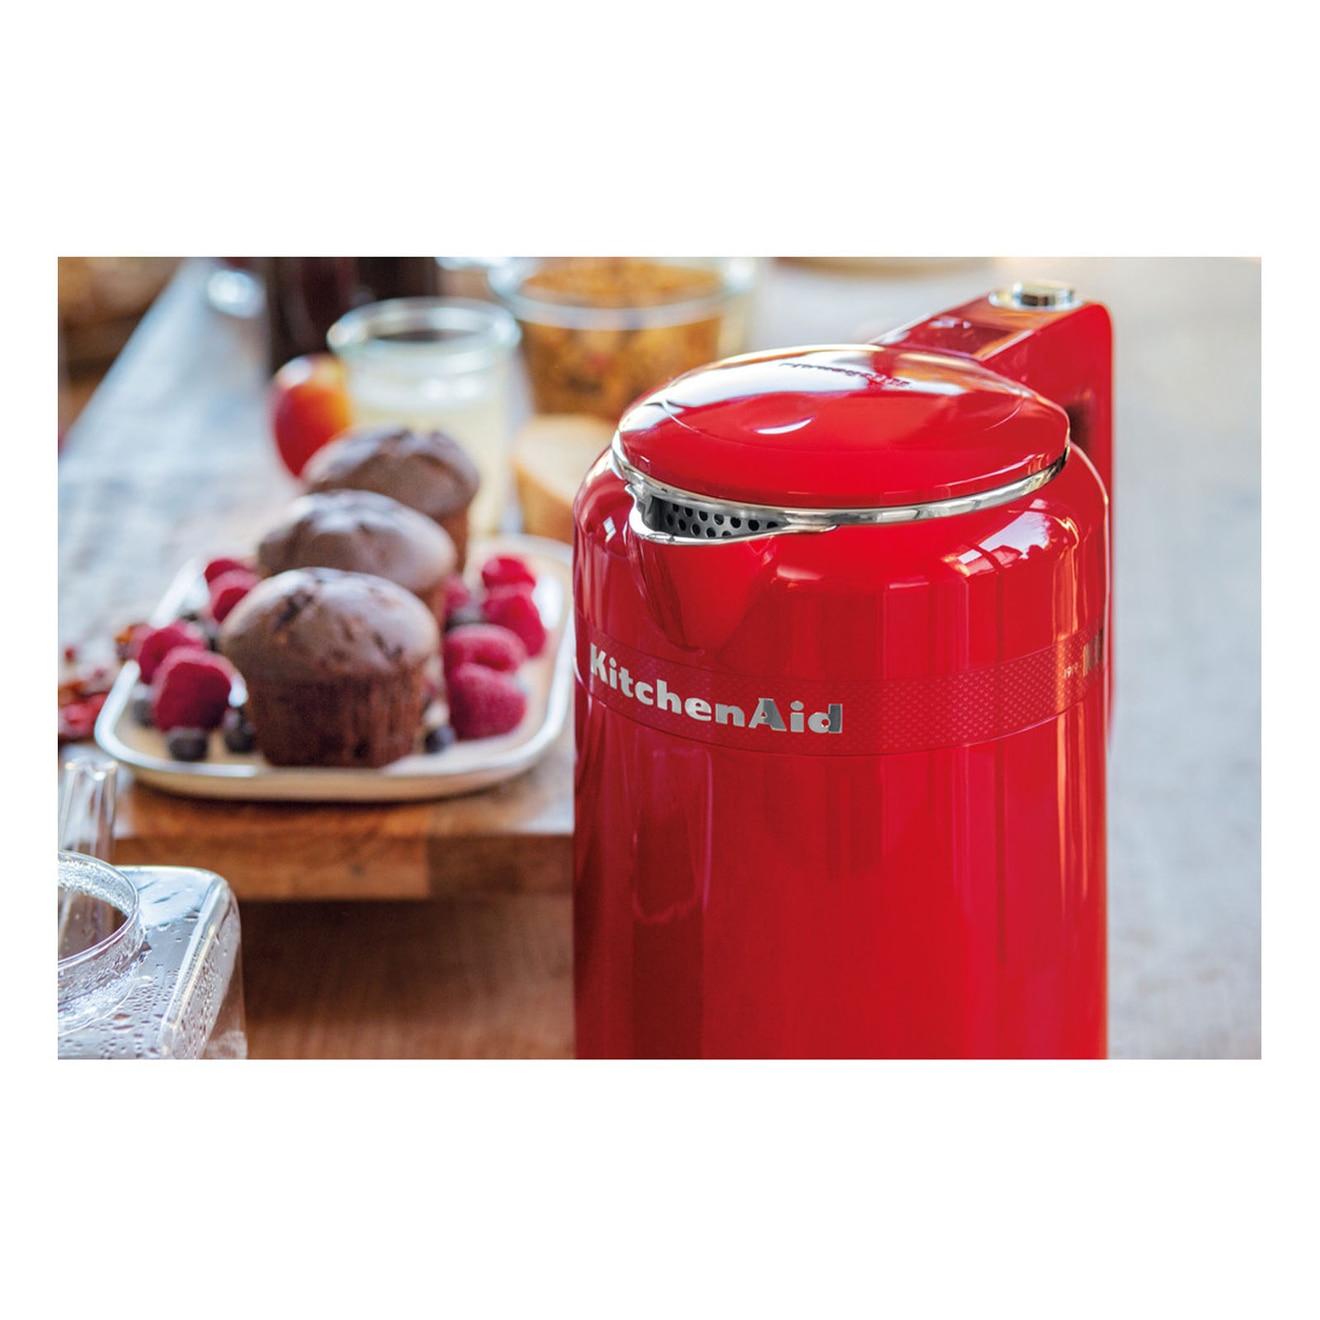 KitchenAid 5KEK1565 Queen of Heart Wasserkocher mit 2400 Watt für 1,5 Liter